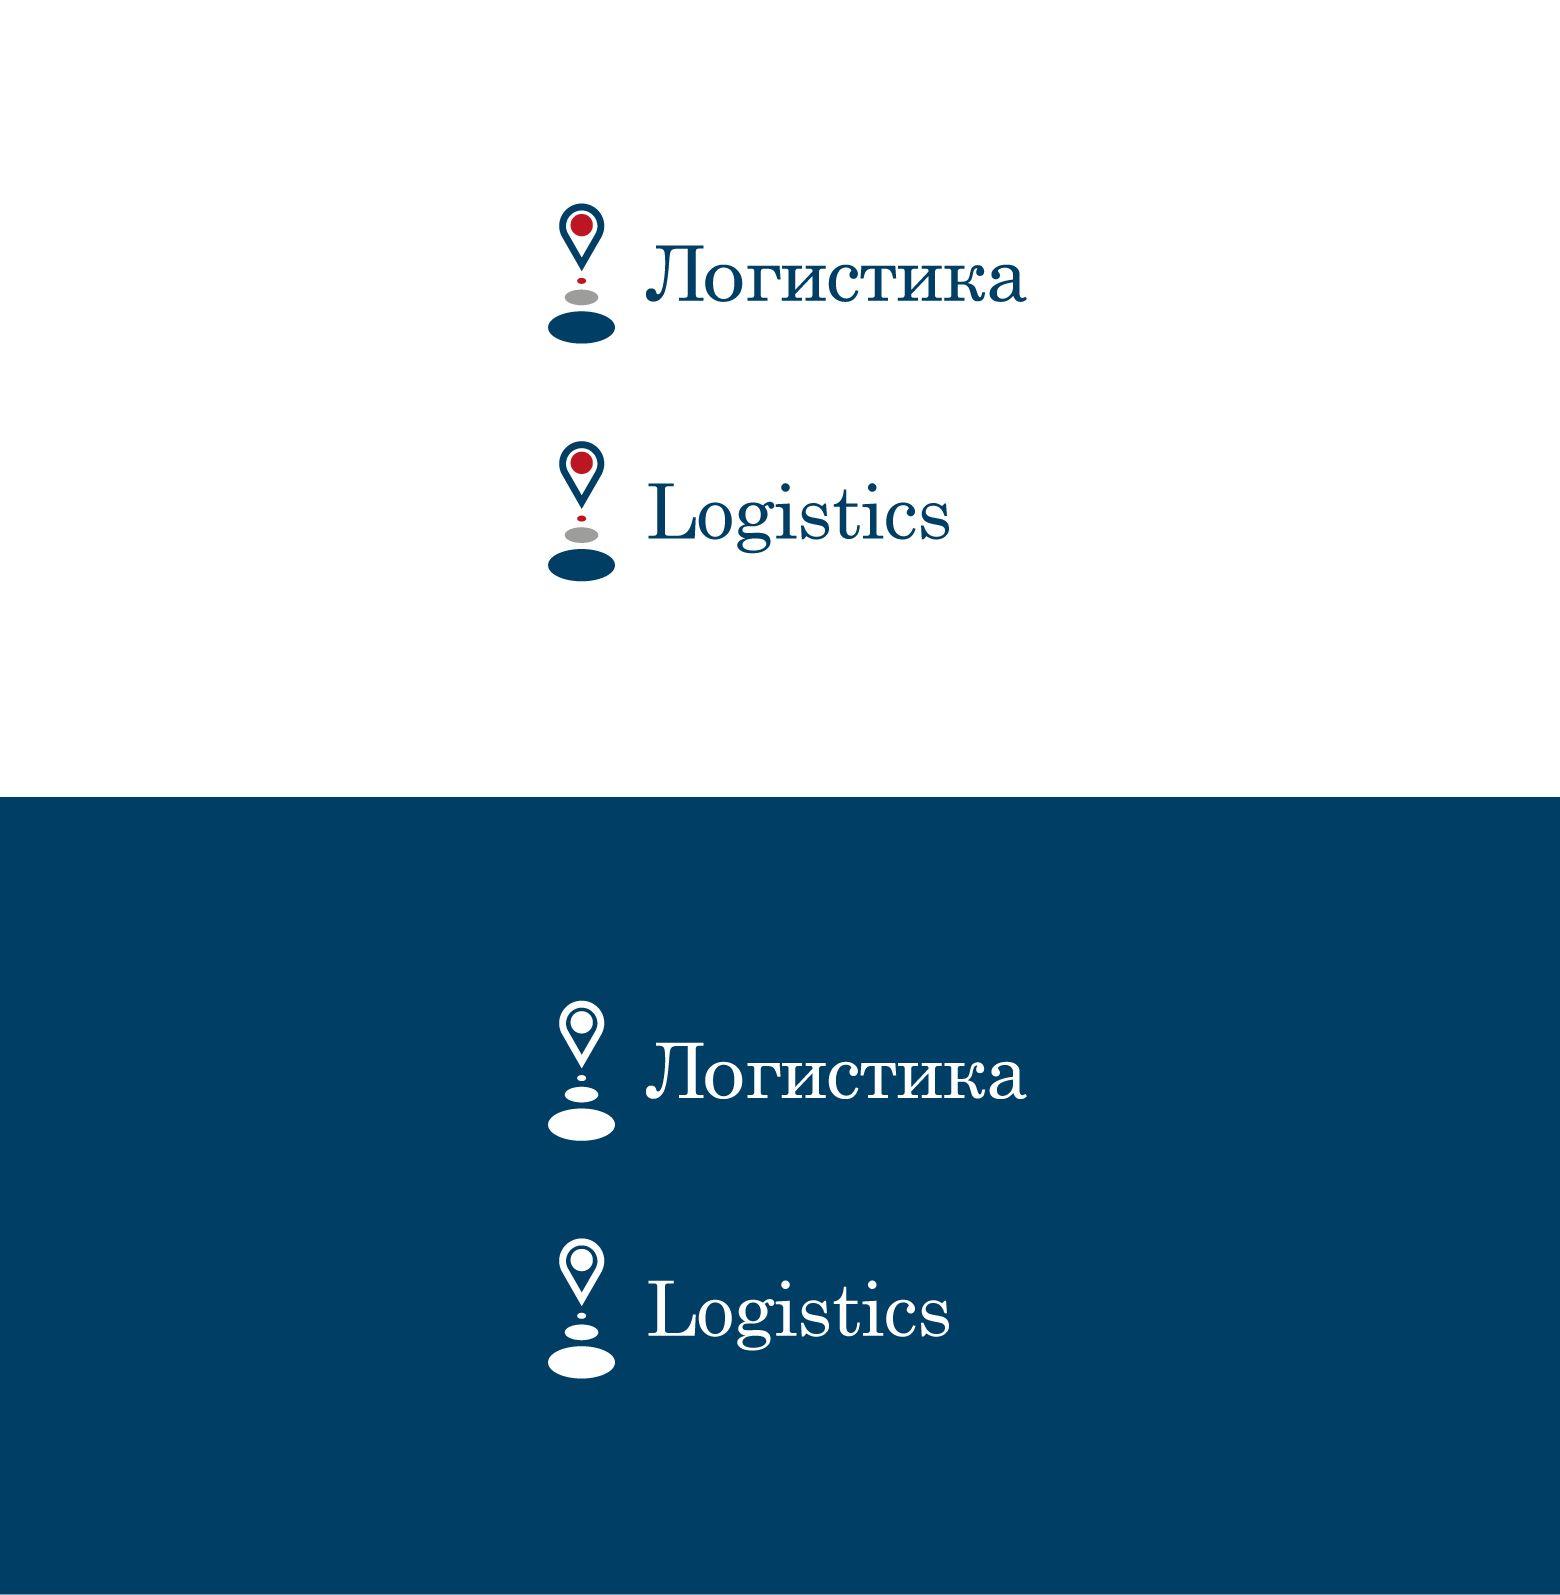 Разработка лого и фирстиля для компании Логистика - дизайнер tumoxasan